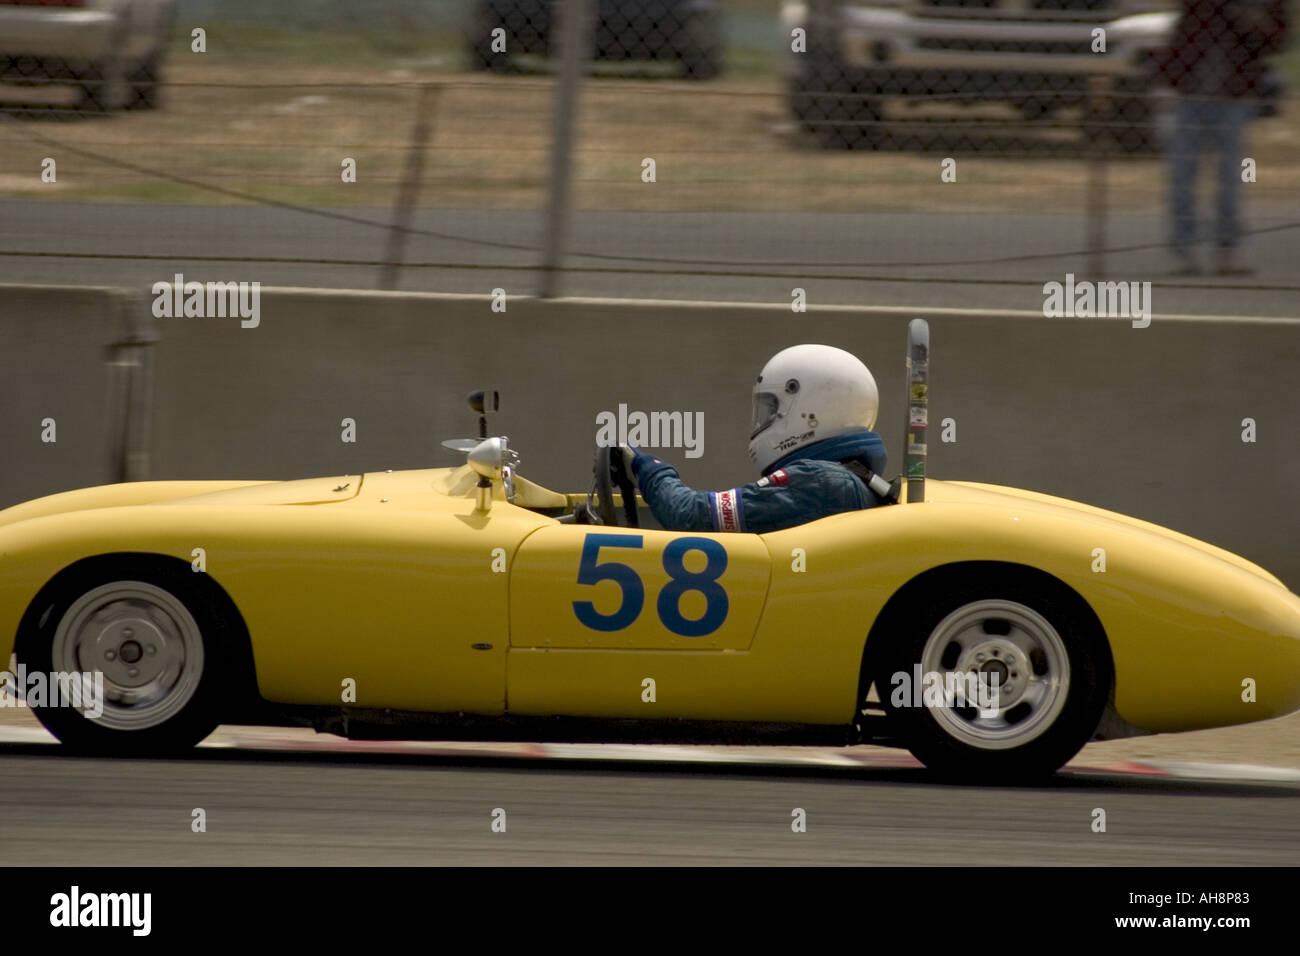 Monterey Historic Auto Race Stock Photos & Monterey Historic Auto ...